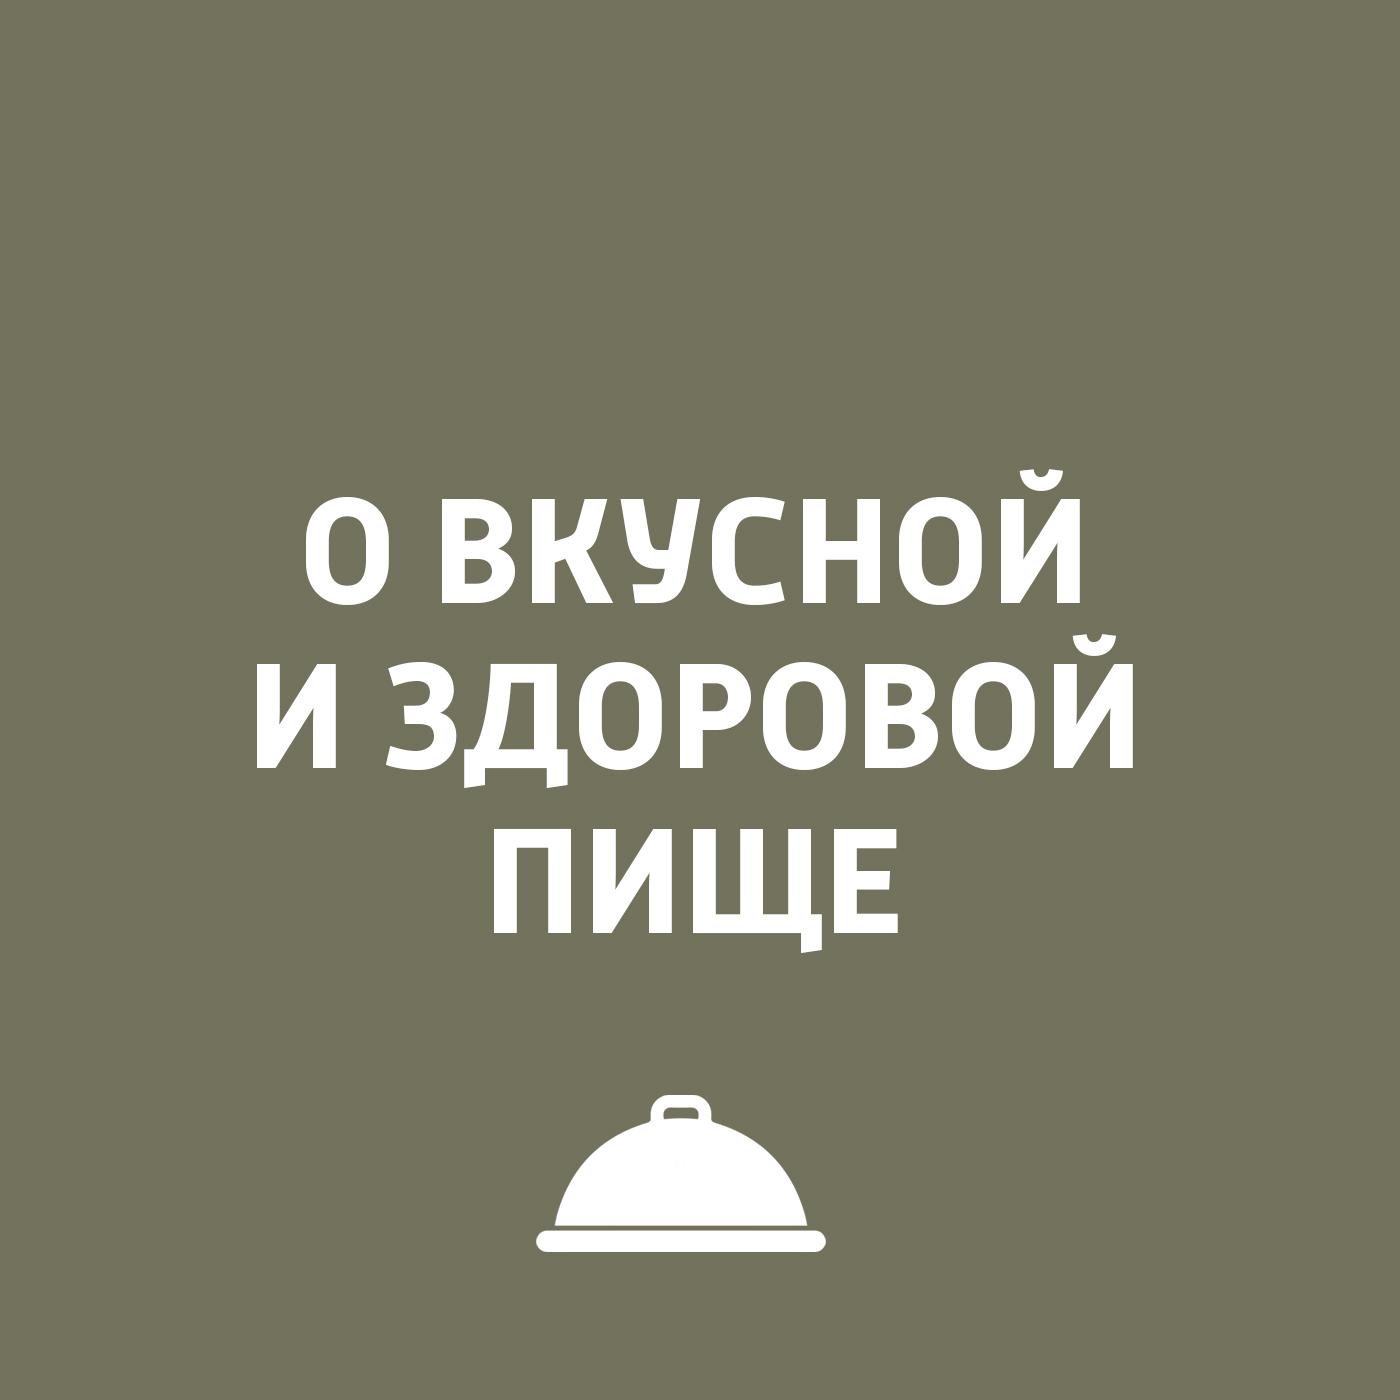 Игорь Ружейников Еда как идея. Вегетарианство и другие концепции питания игорь ружейников что такое высокая кухня и с чем её едят